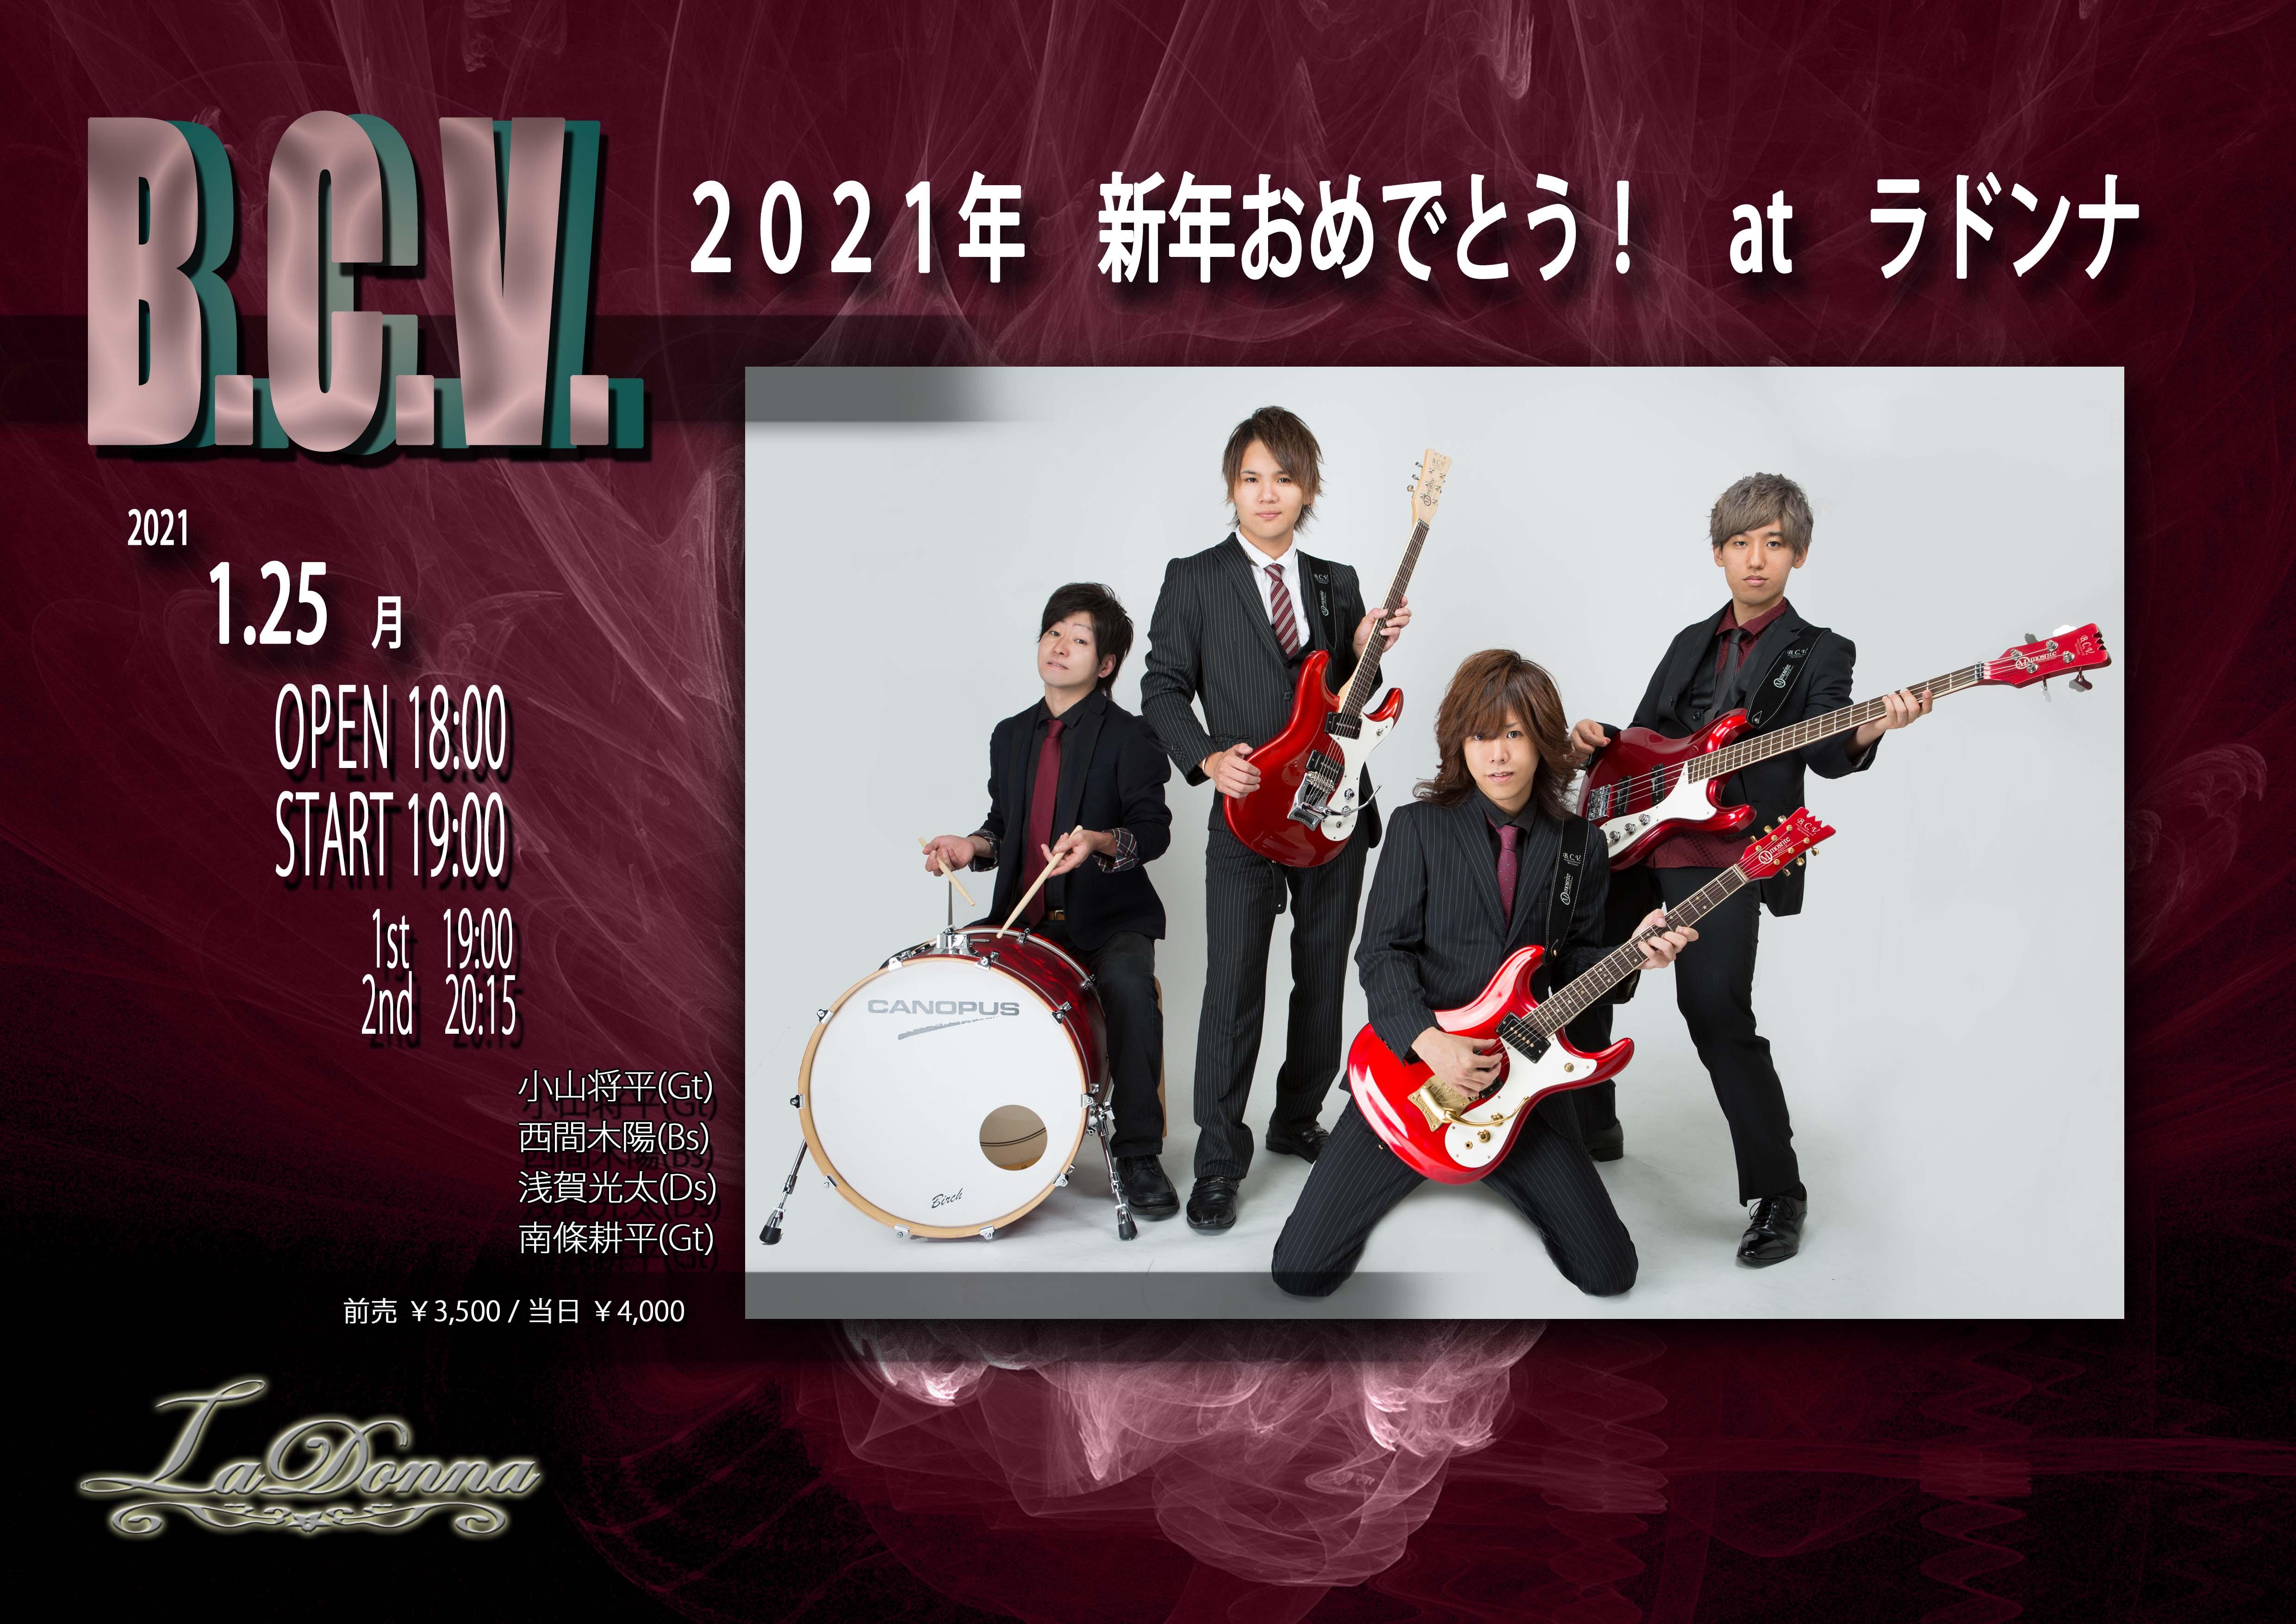 【延期】B.C.V. 2021年 新年おめでとう! at ラドンナ